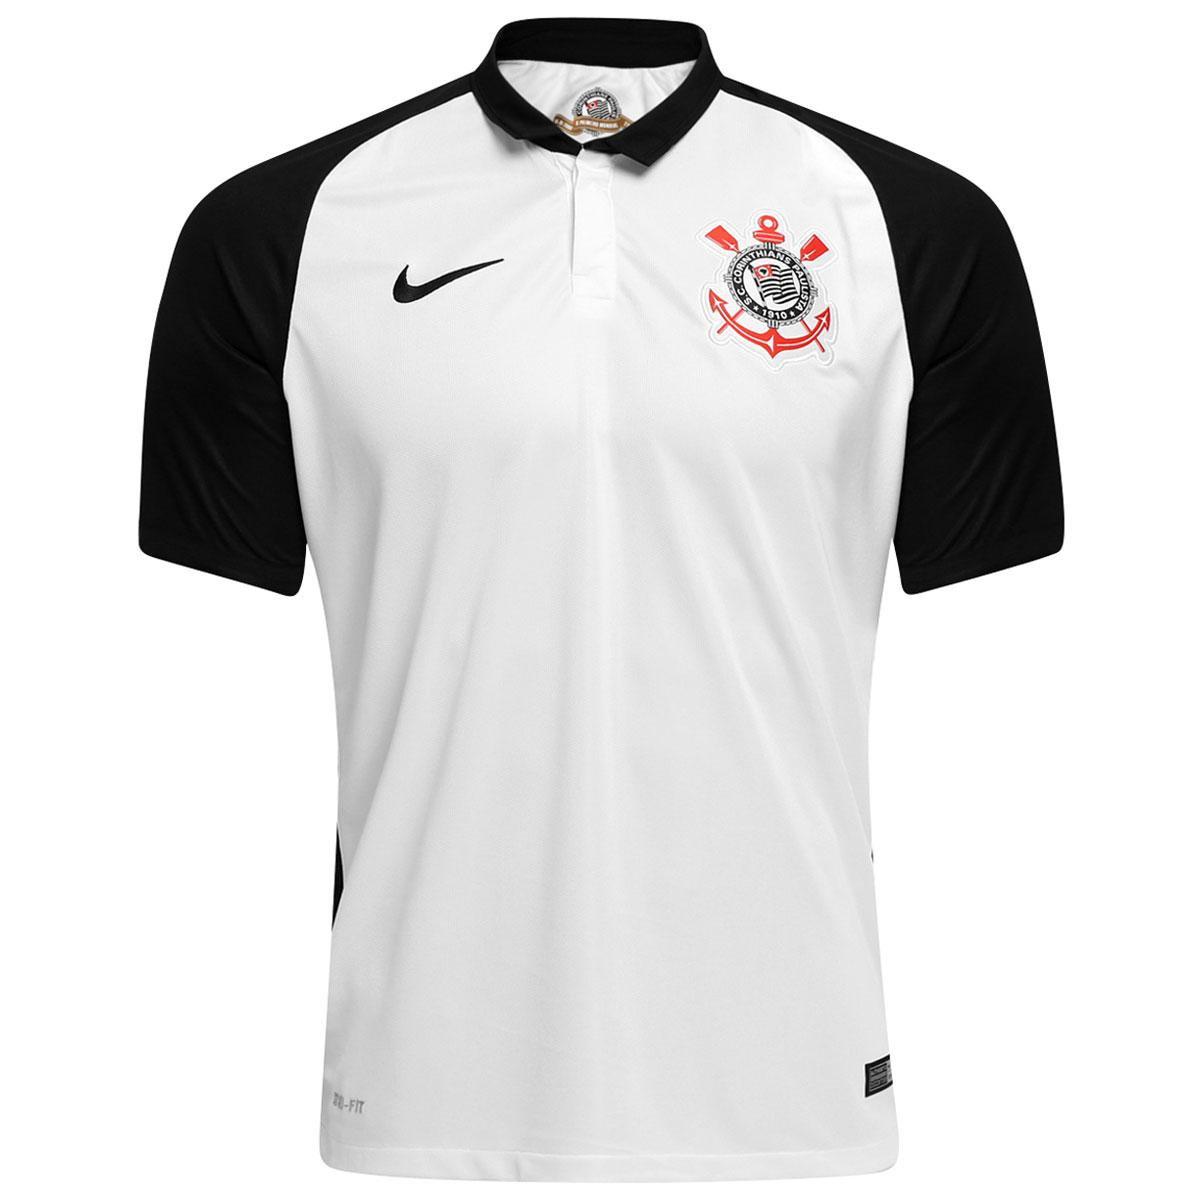 00f84c7d0e Camisa Nike Corinthians I 15/16 nº 10 - Torcedor | Shop Timão